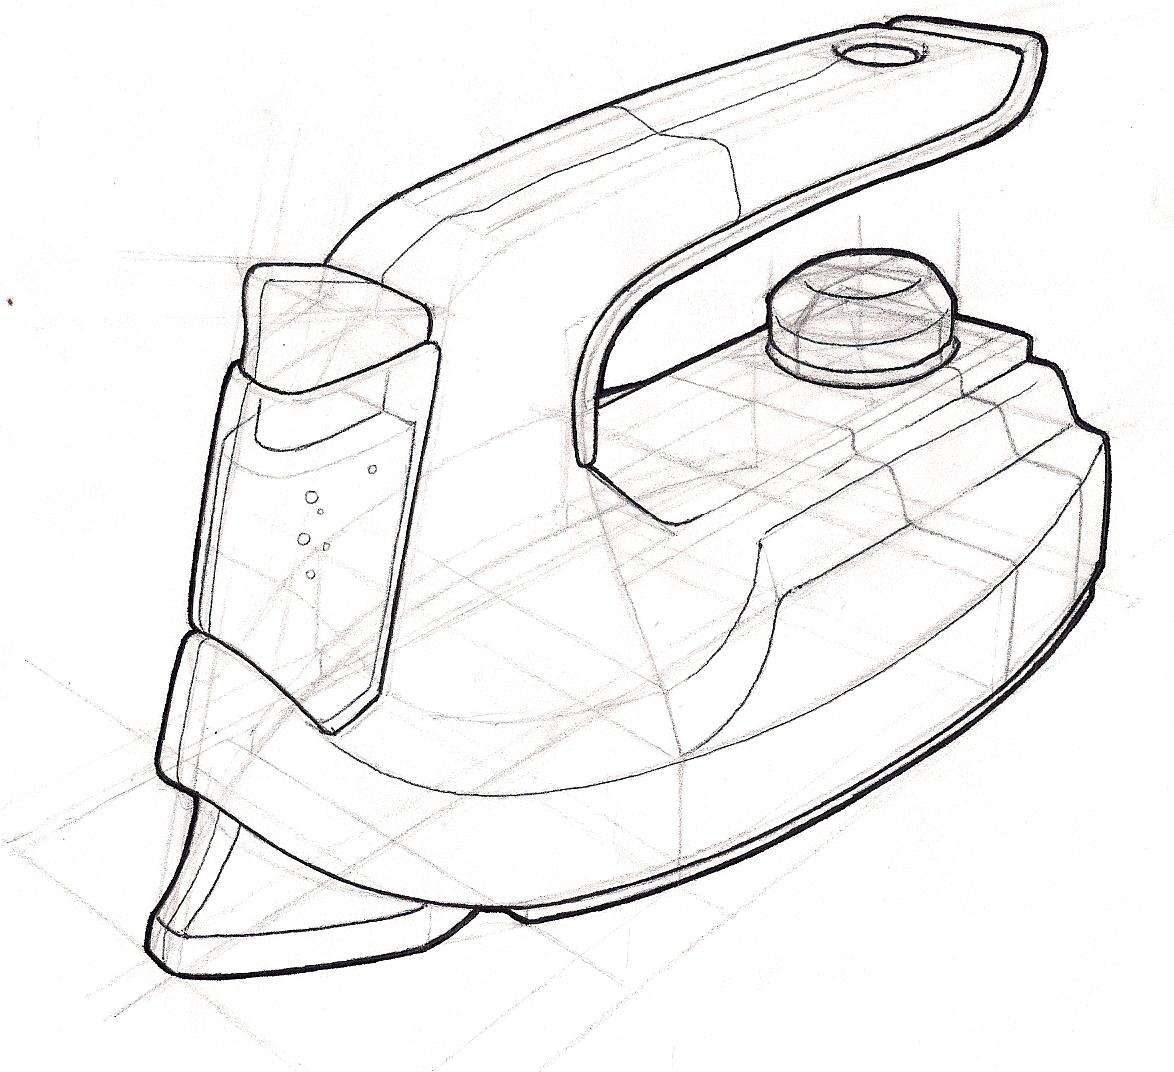 1174x1072 Industrial Design Ac Moore